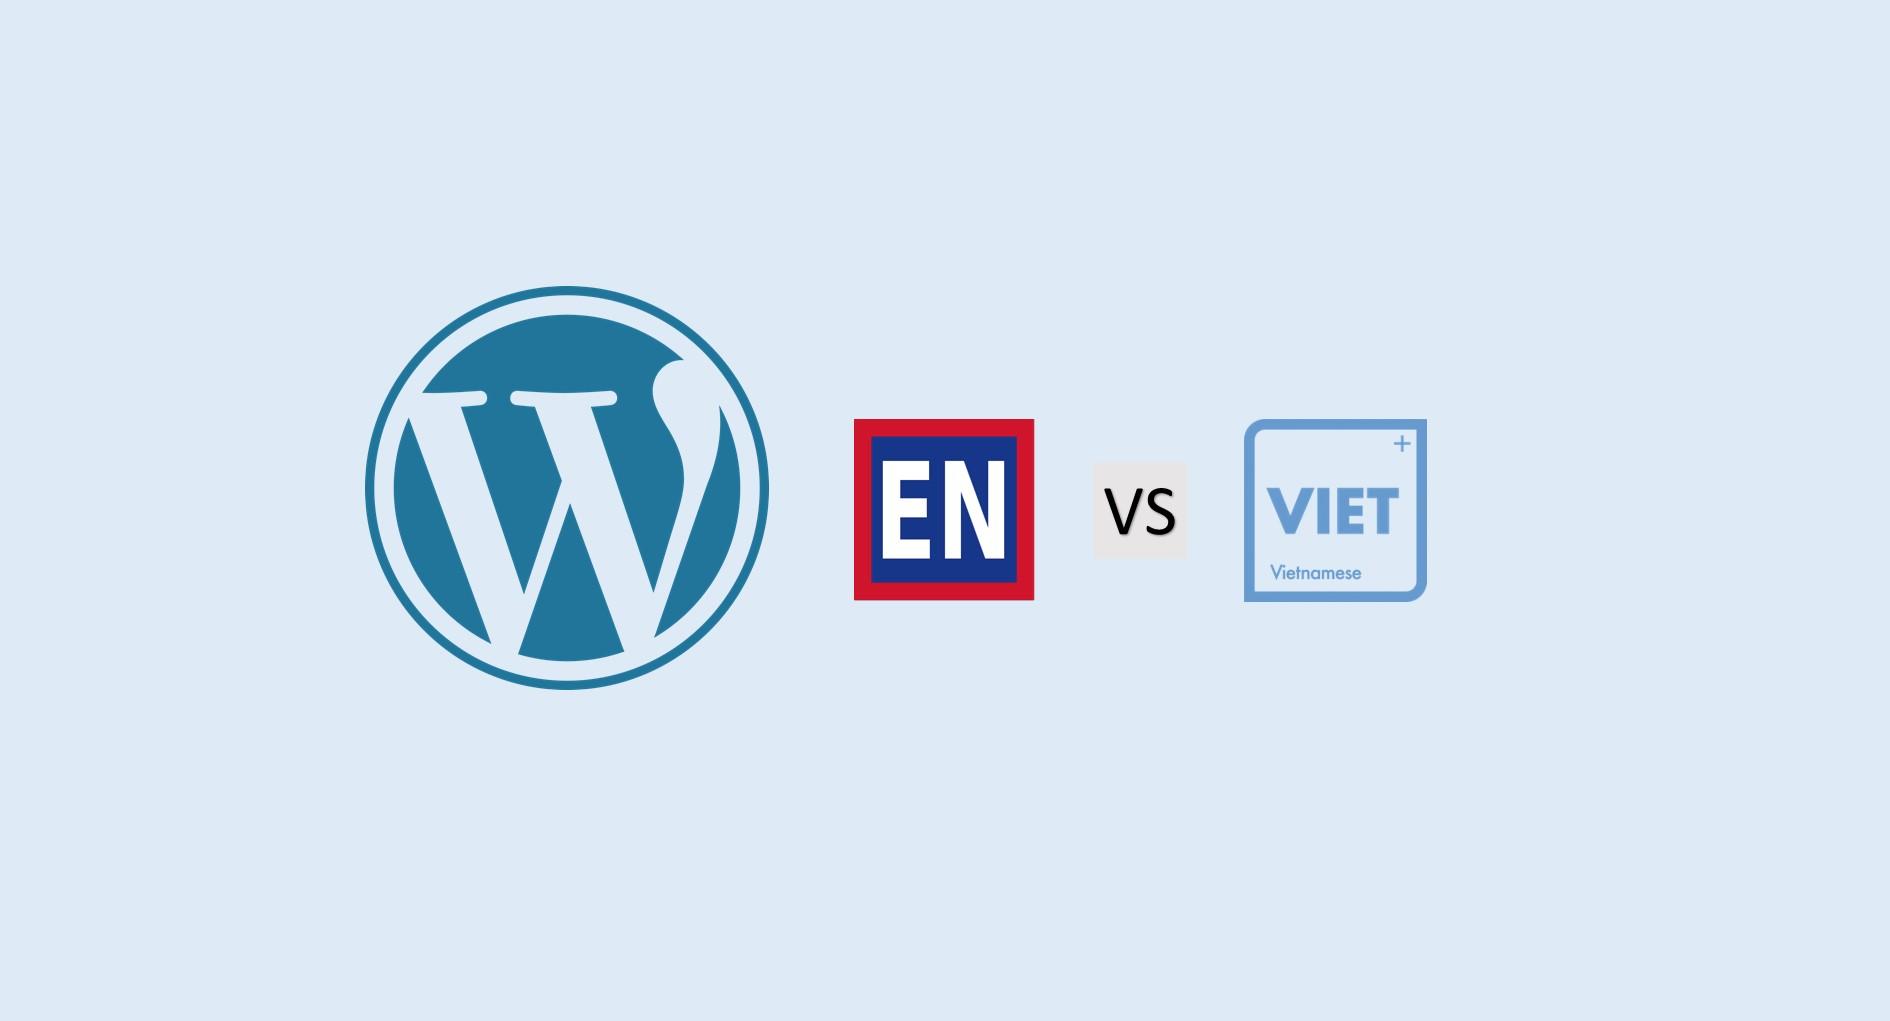 Sử dụng giao diện tiếng Anh thay vì tiếng Việt trên WordPress - ảnh minh họa